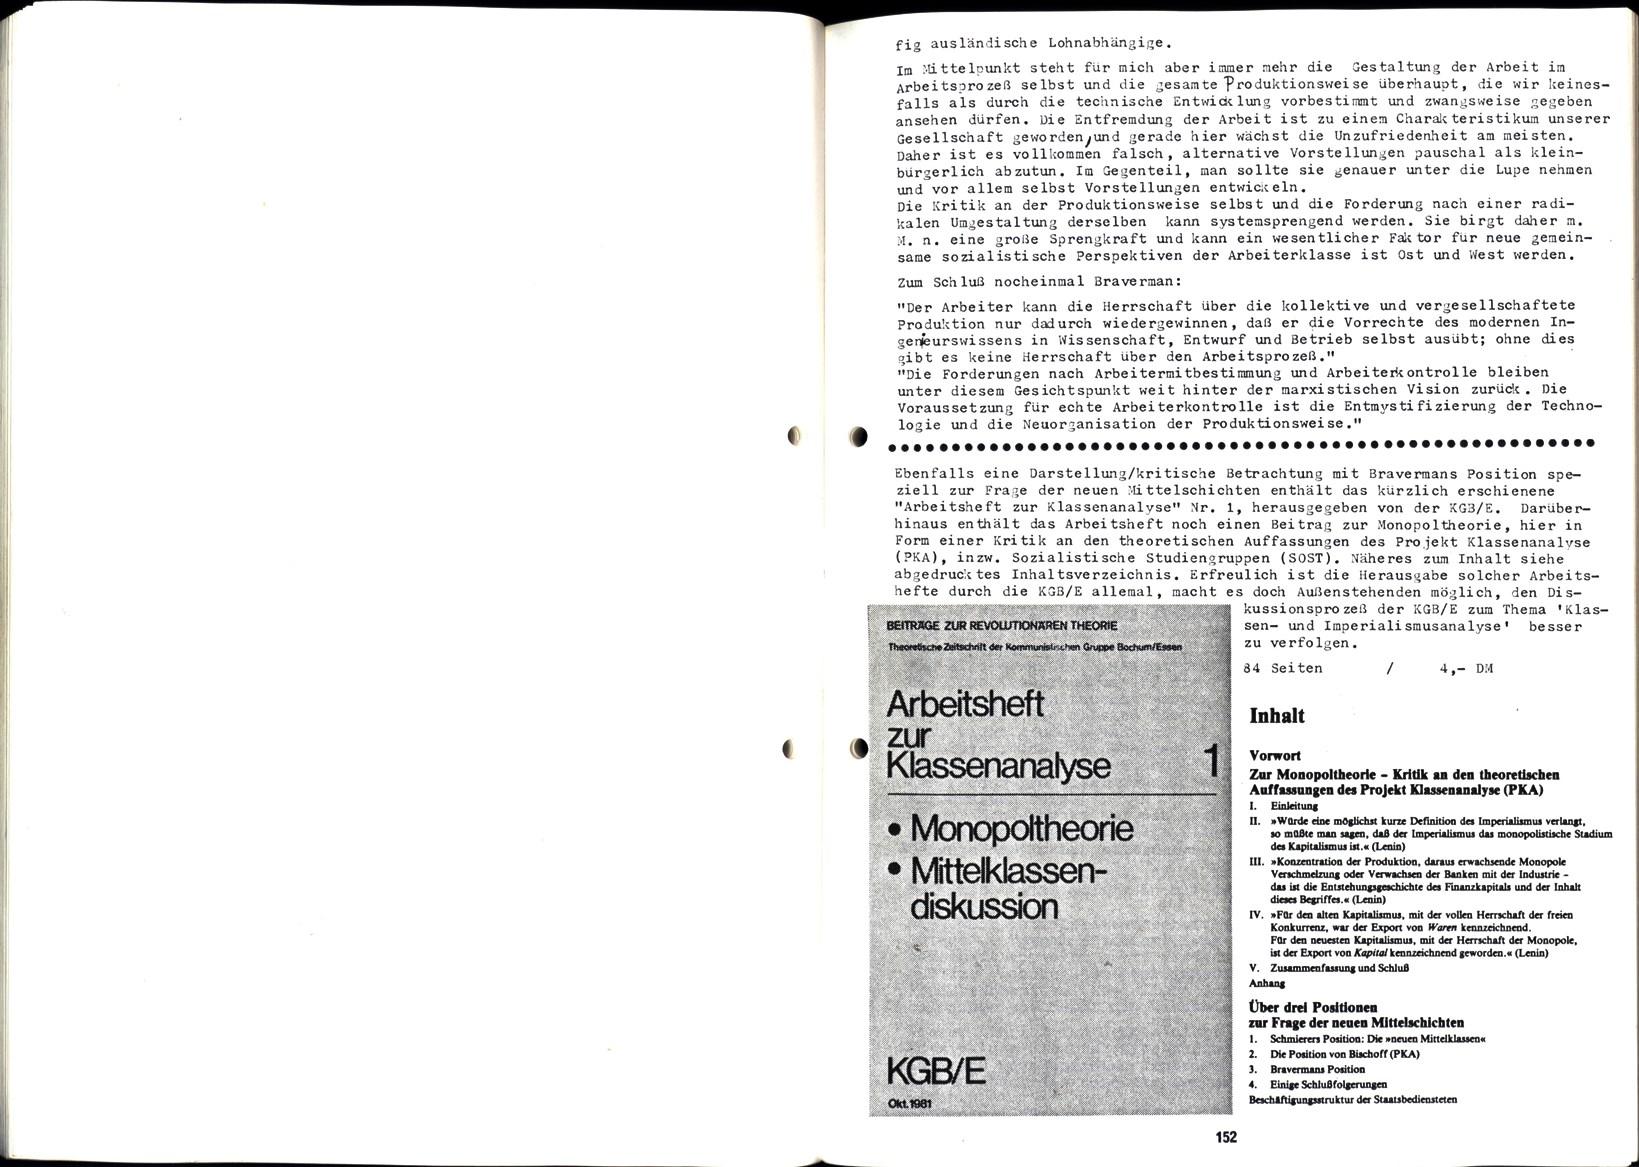 Ulm_KKU_19820118_007_139